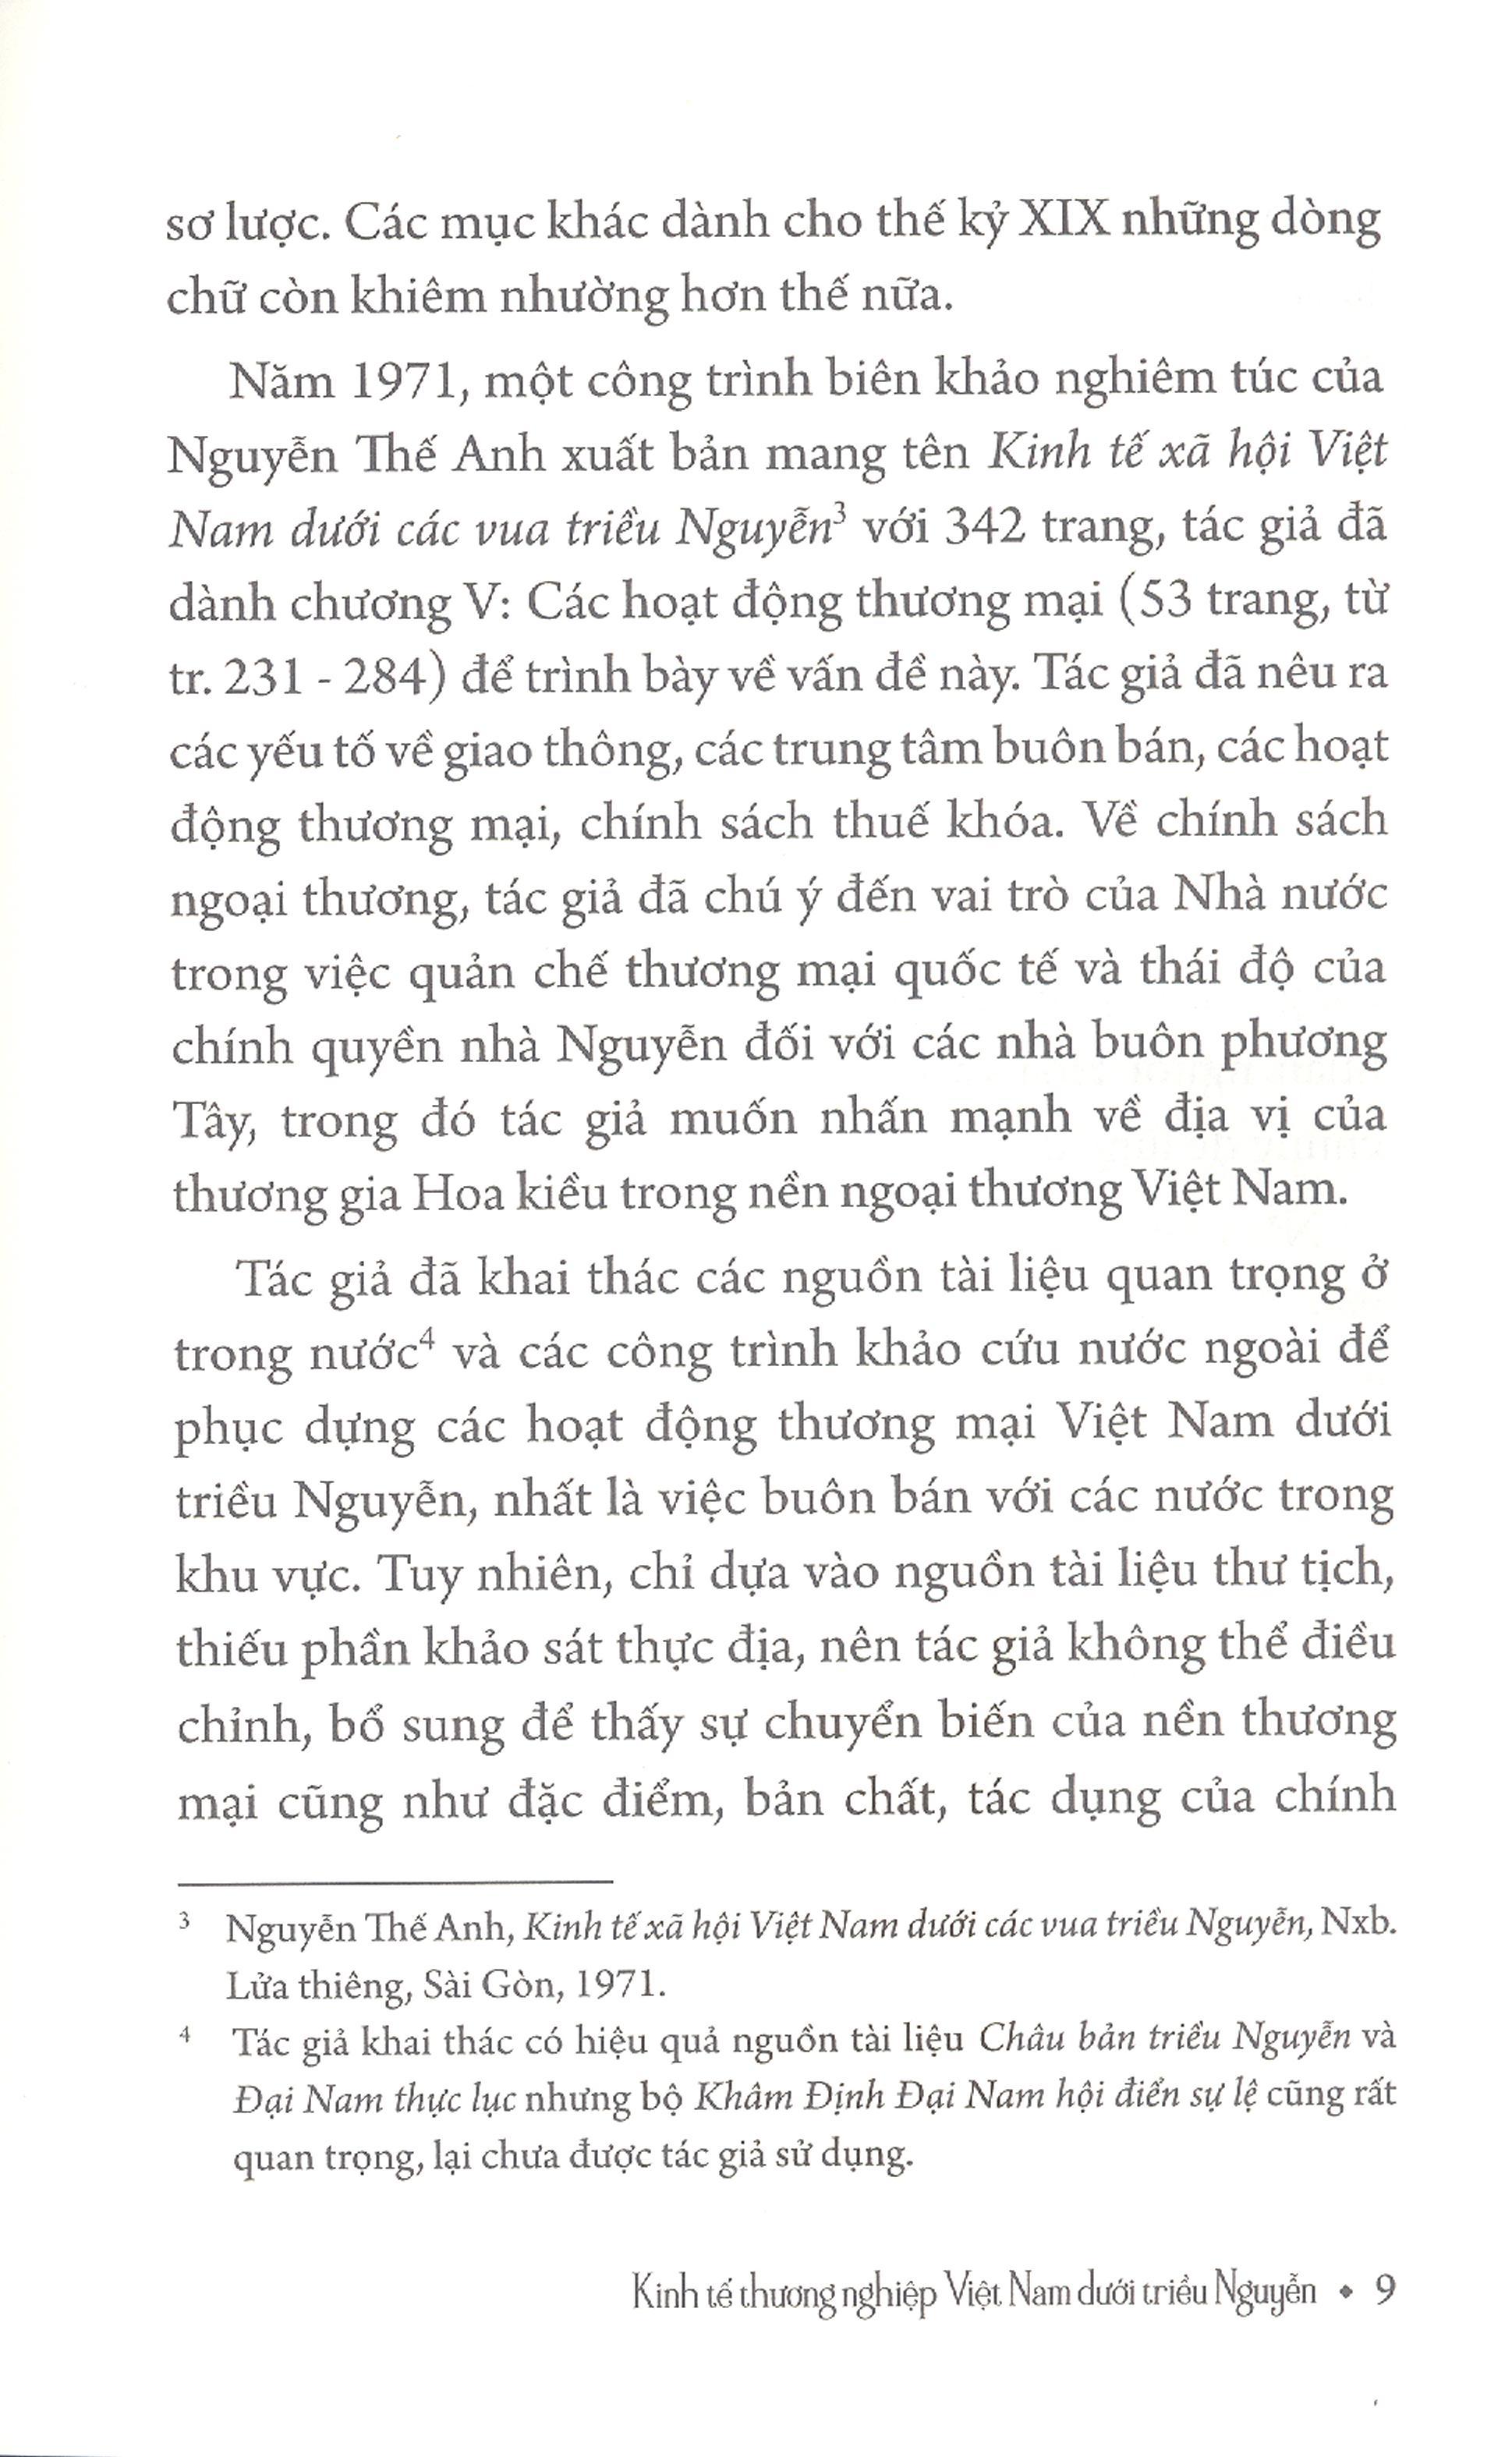 Kinh Tế Thương Nghiệp Việt Nam Dưới Triều Nguyễn